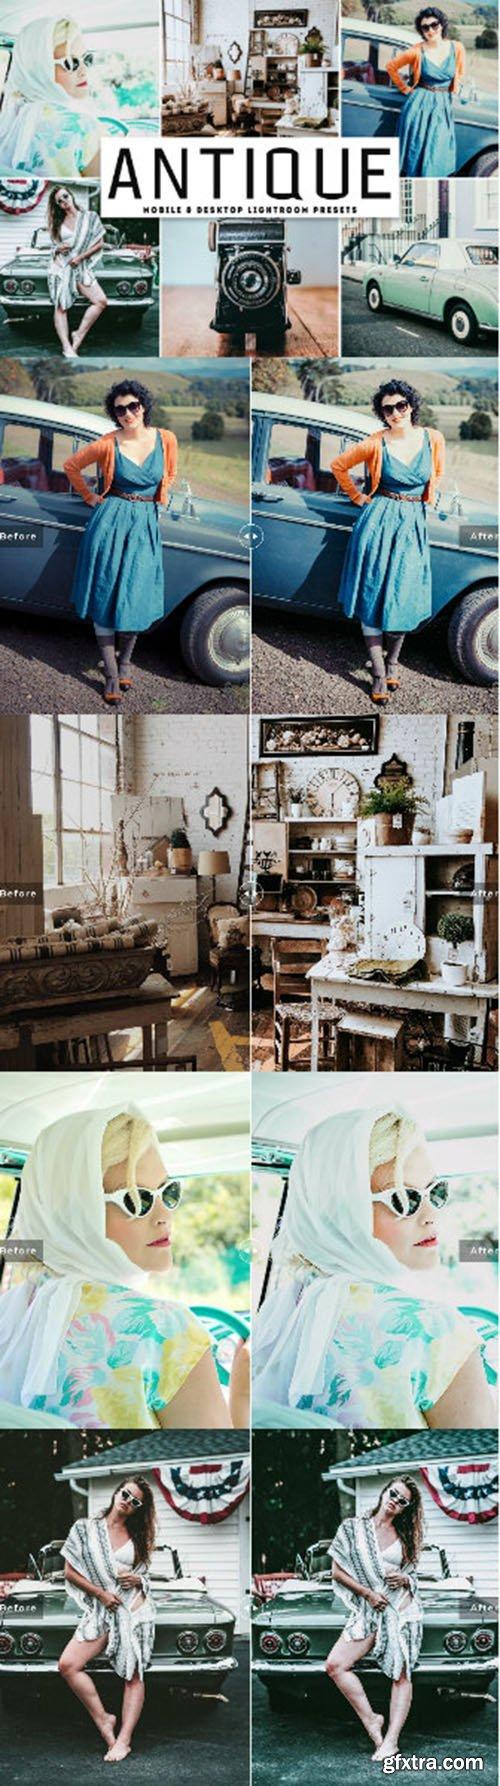 Antique Mobile & Desktop Lightroom Presets